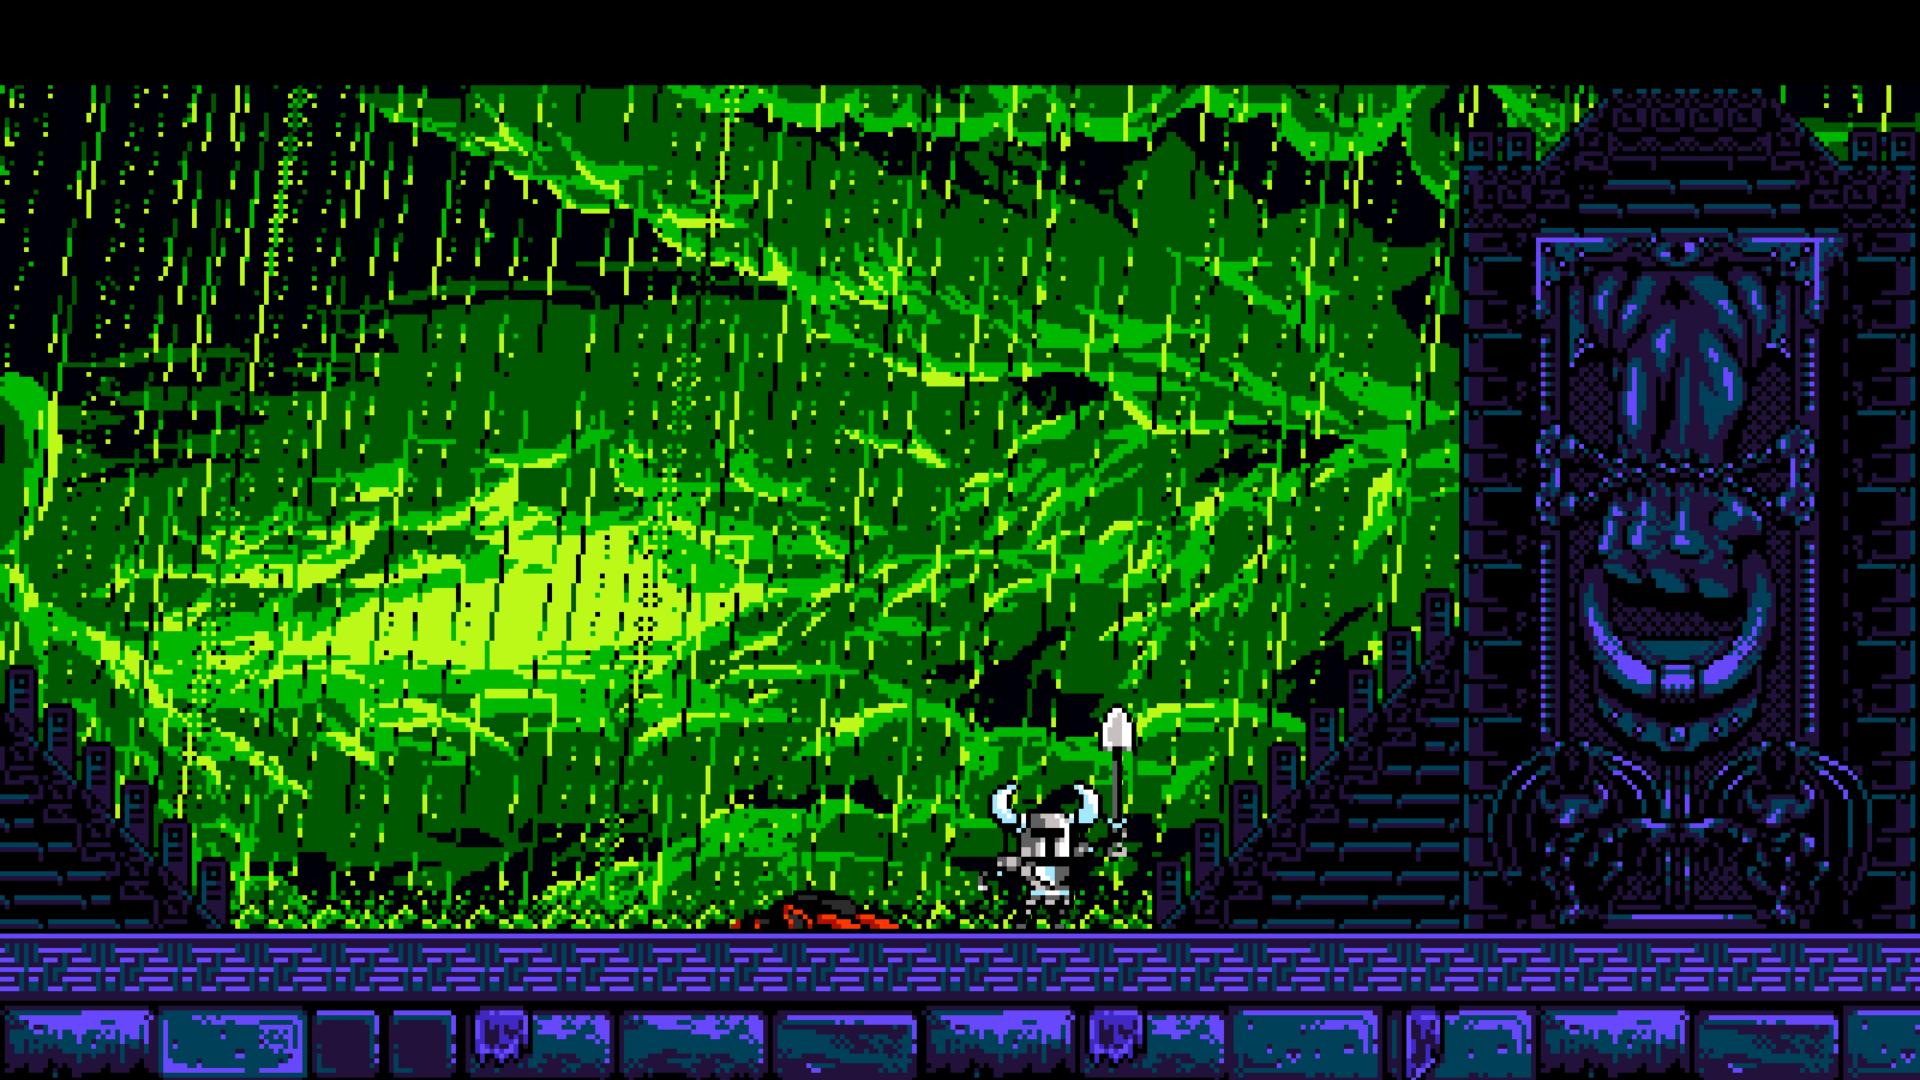 Wallpaper Video Games Night Pixel Art Green Retro Games 16 Bit 8 Bit Shovel Knight Darkness Screenshot Computer Wallpaper Font 1920x1080 Bas123 62076 Hd Wallpapers Wallhere